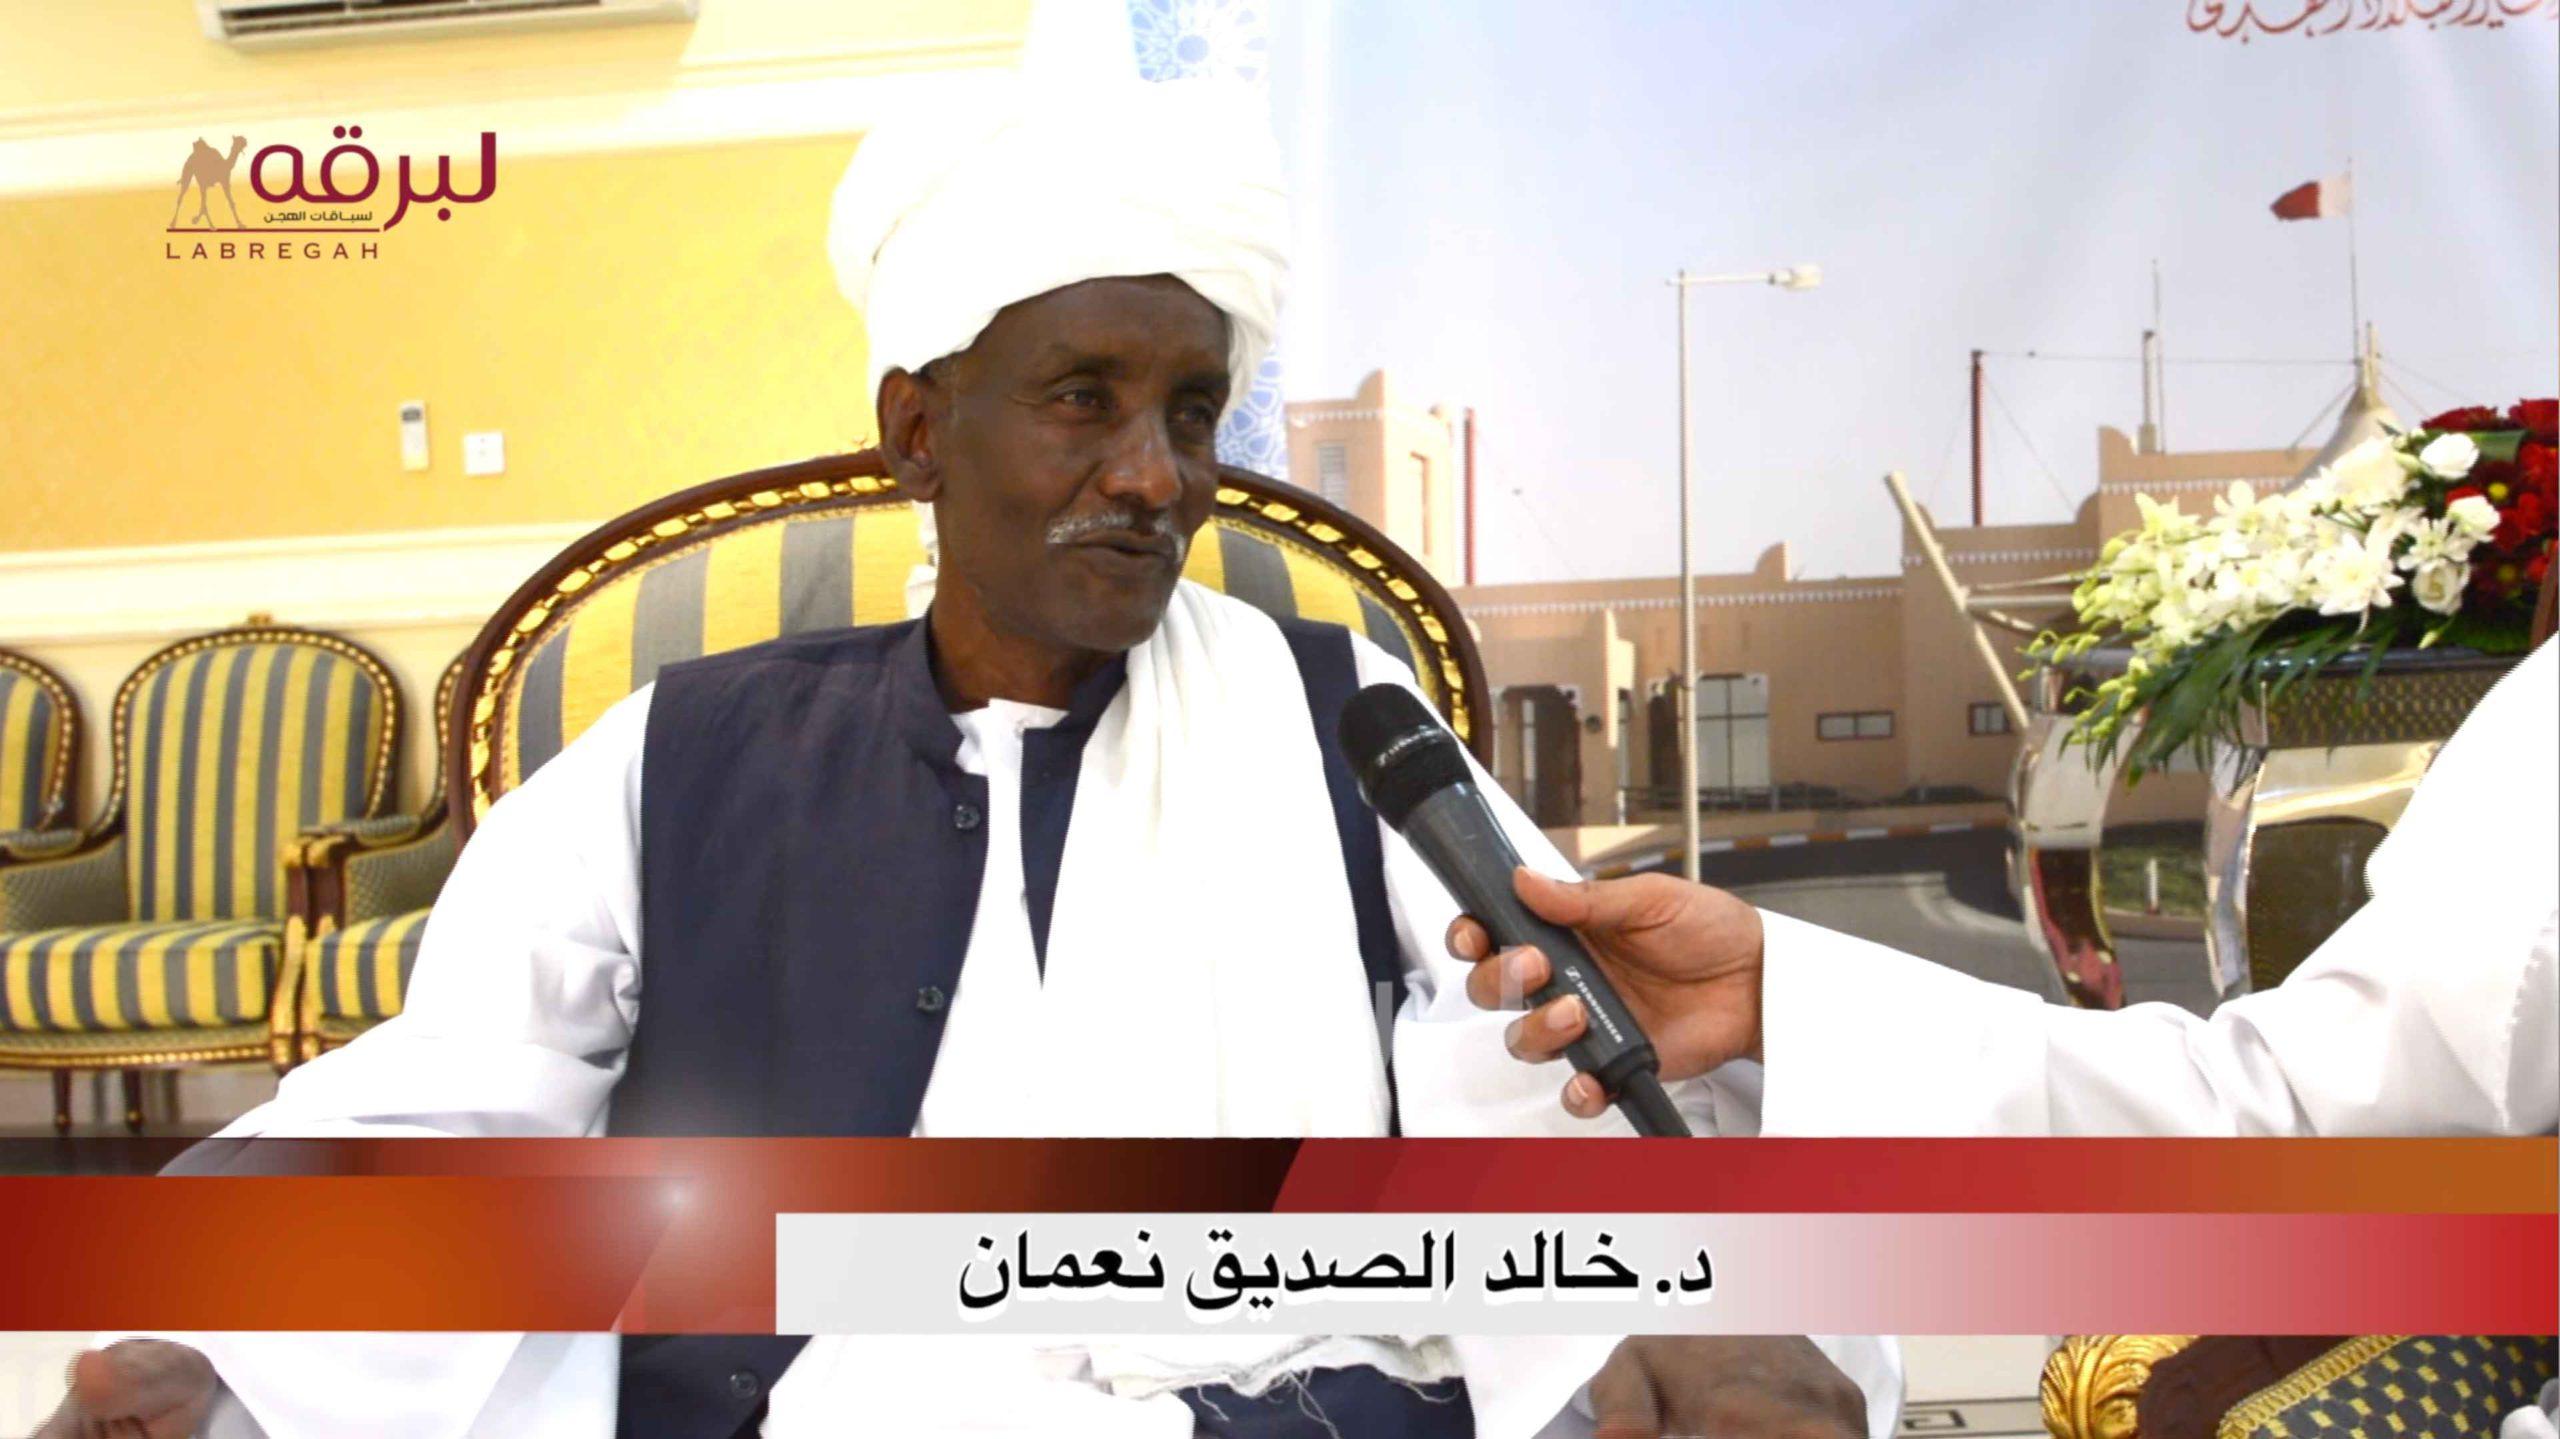 لقاء خاص مع د. خالد الصديق نعمان.. رئيس اتحاد الهجن السودانية ٢٧-٣-٢٠٢١